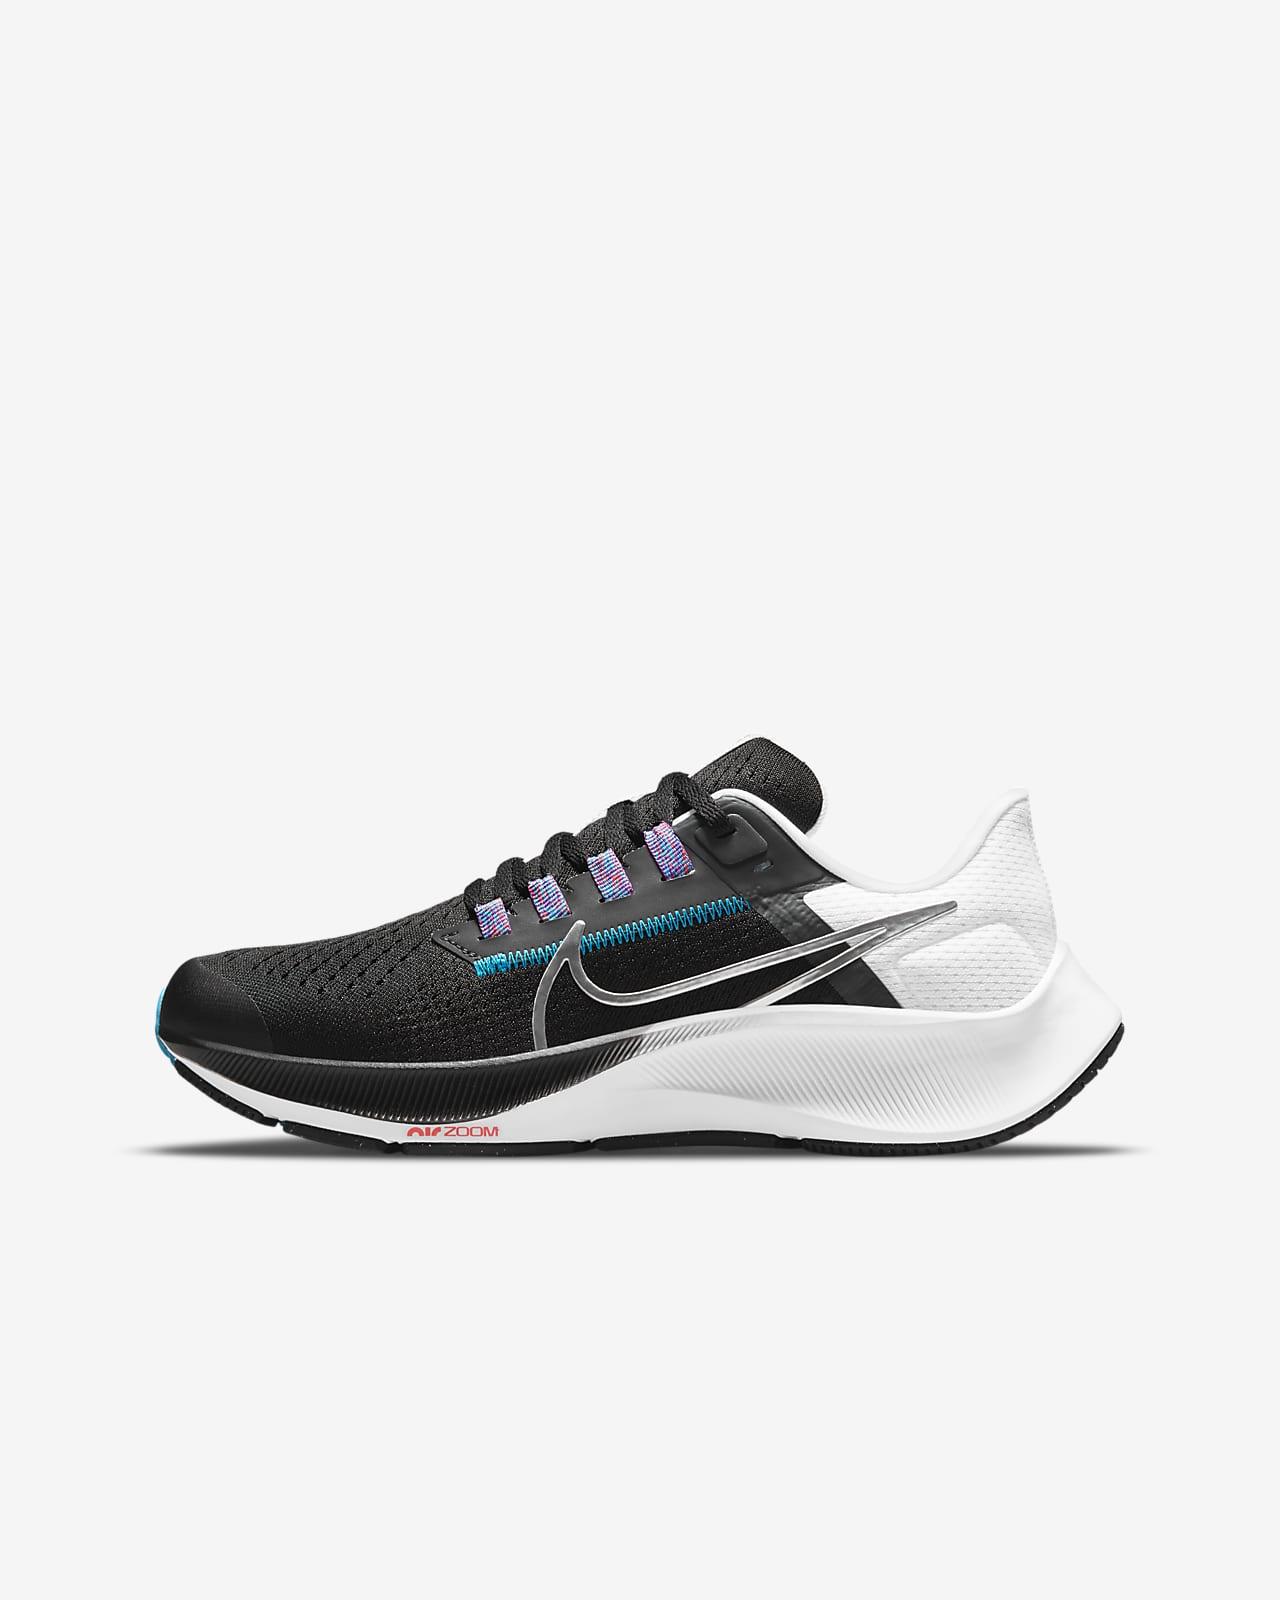 Chaussure de running Nike Air Zoom Pegasus 38 pour Jeune enfant/Enfant plus âgé